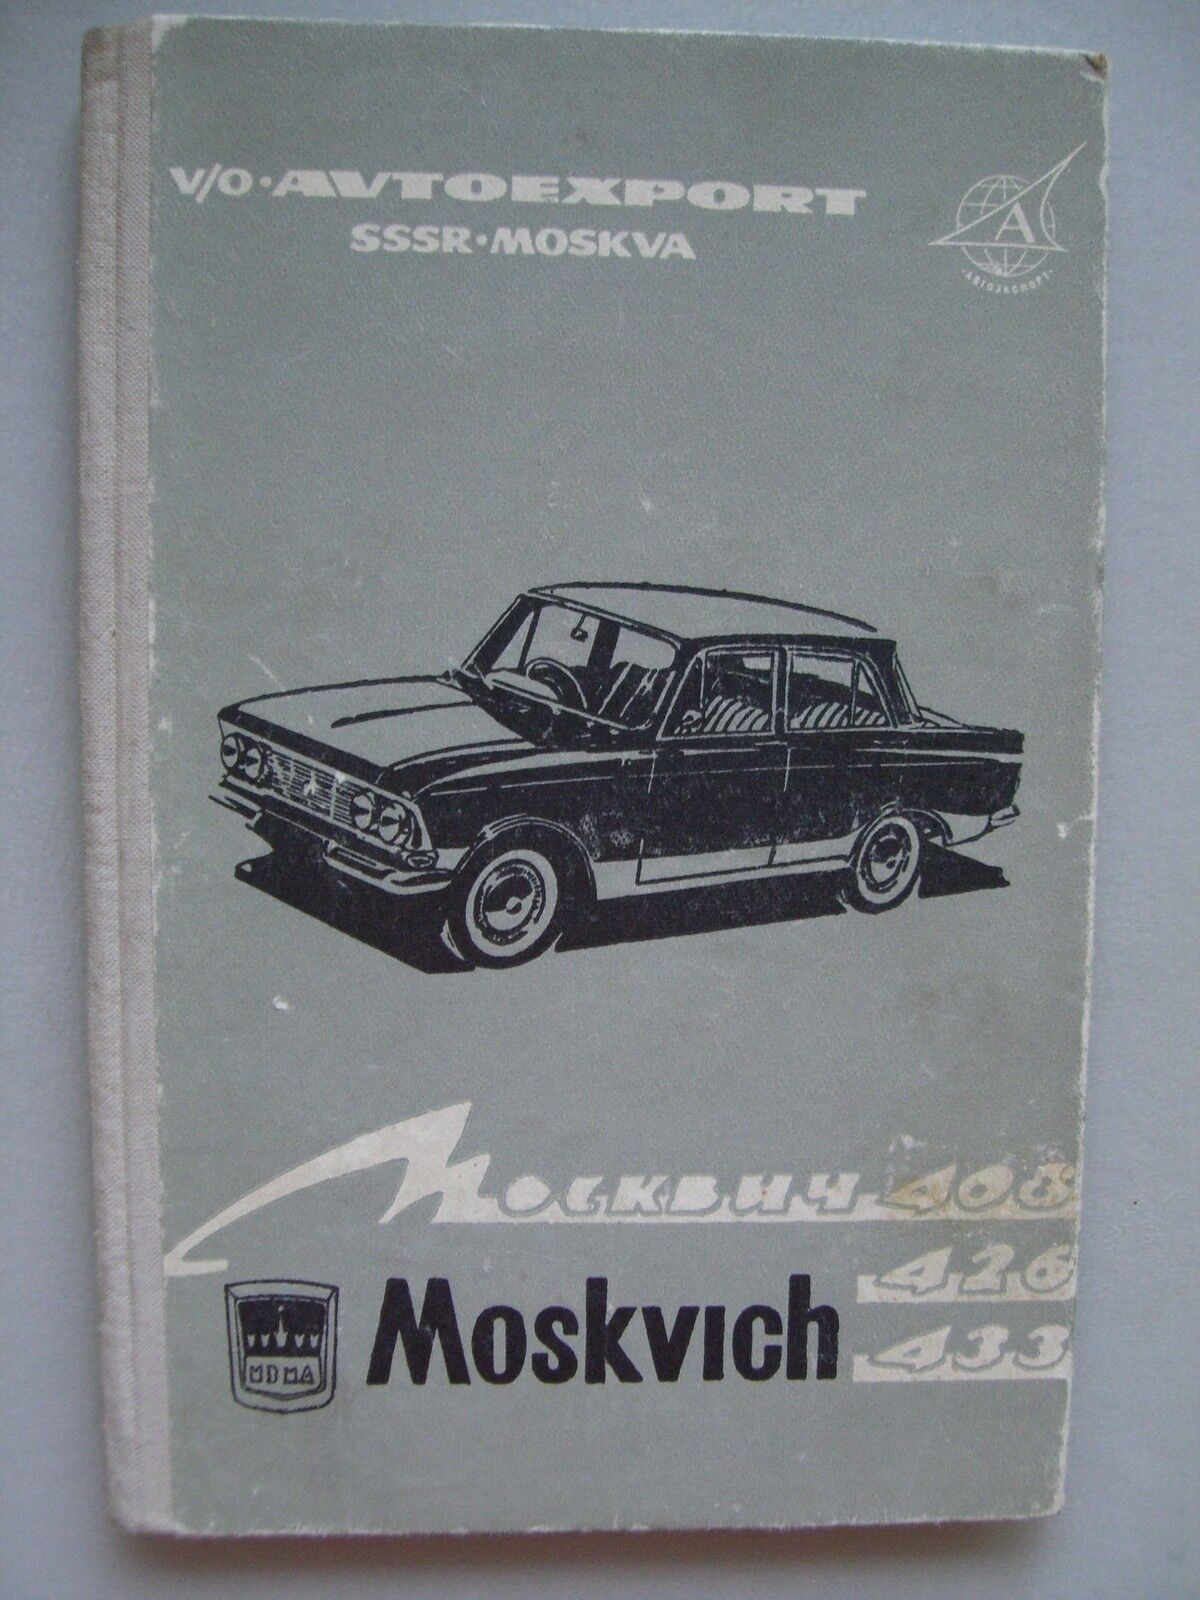 Autoexport SSSR Moskva Moskvich Baumuster 426 und 433 Wartungsanweisung 1948